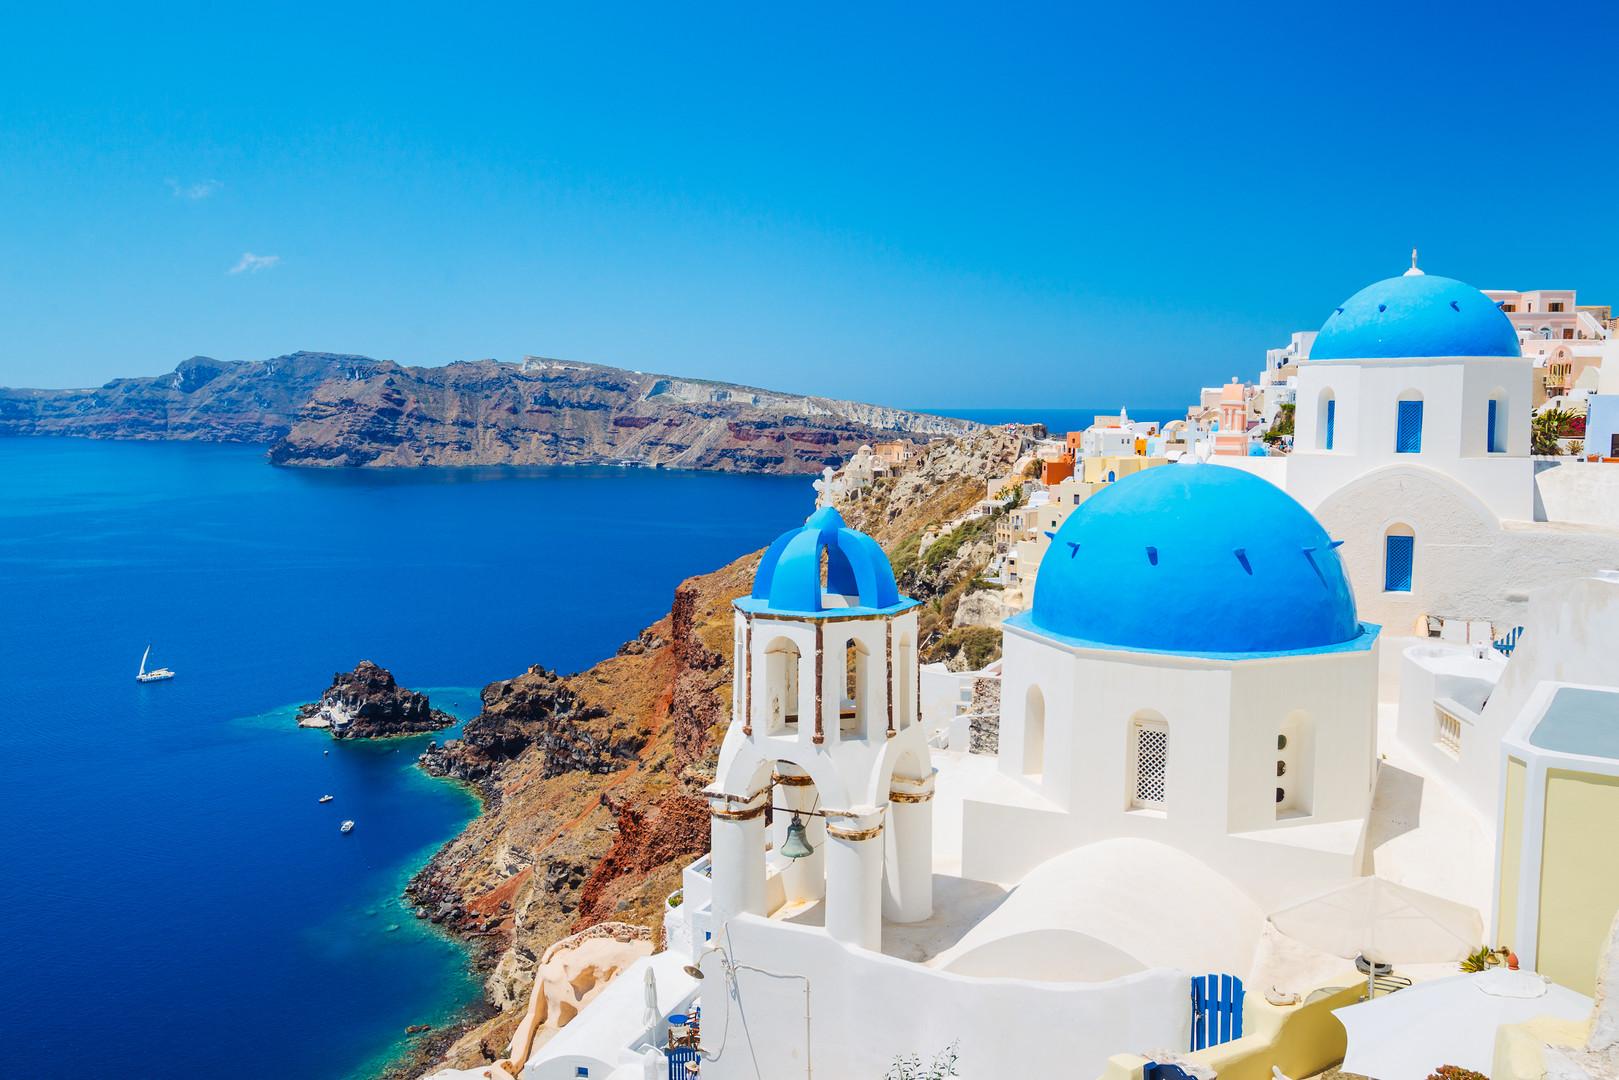 santorini-island-greece-P7XUVFZ.jpg